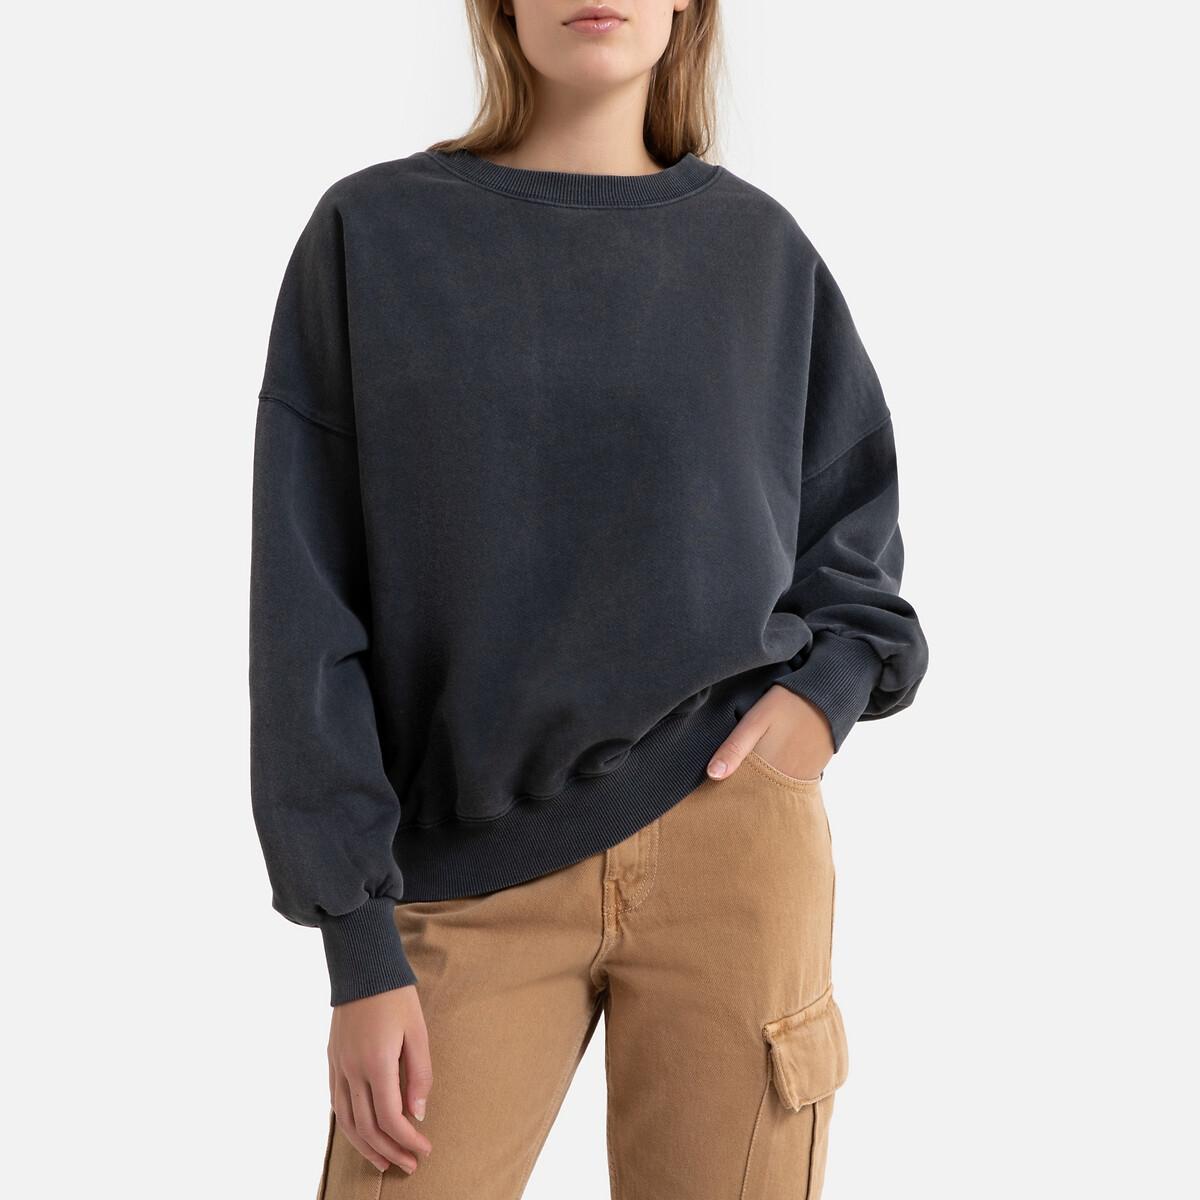 Свитшот La Redoute С круглым вырезом WITITI S/M черный свитшот la redoute с круглым вырезом и вышивкой s черный